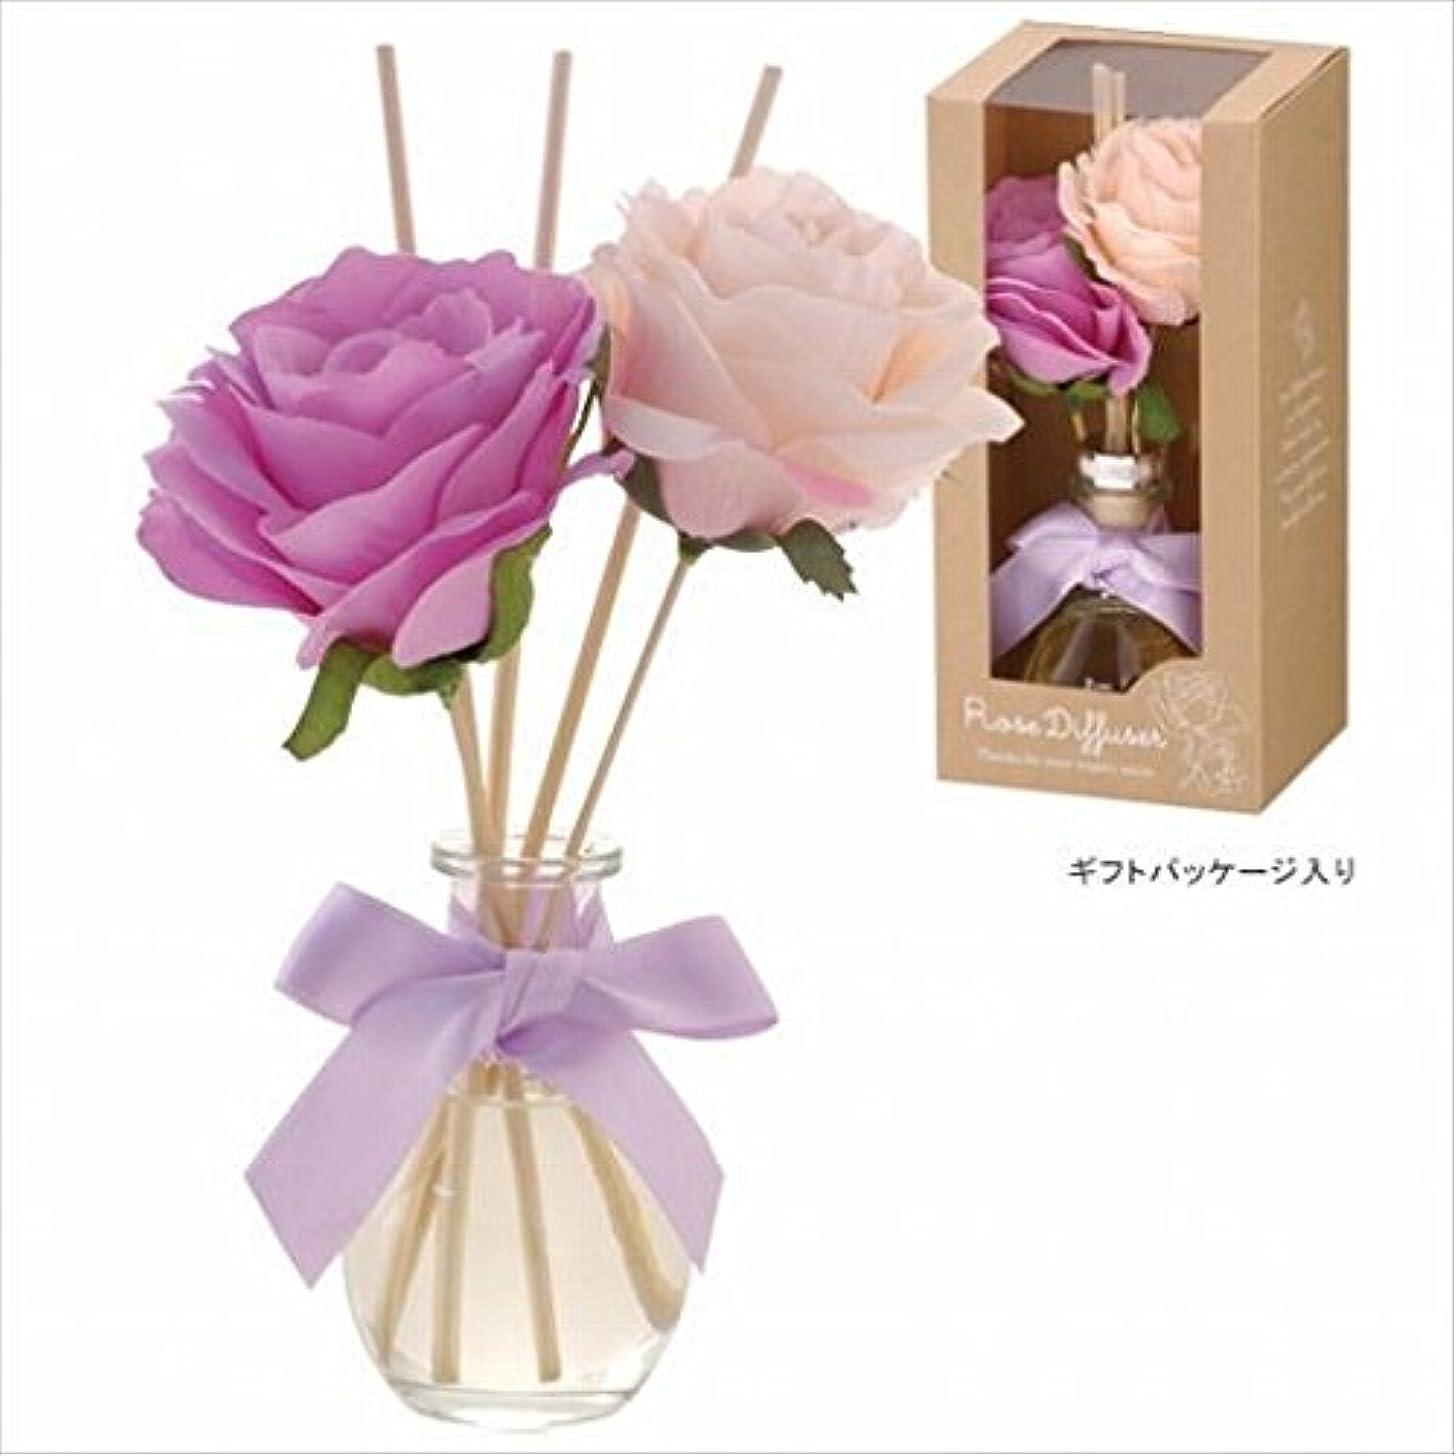 開発するギャラントリーガムカメヤマキャンドル(kameyama candle) ハーモニーローズディフューザー 「 レディローズ 」6個セット